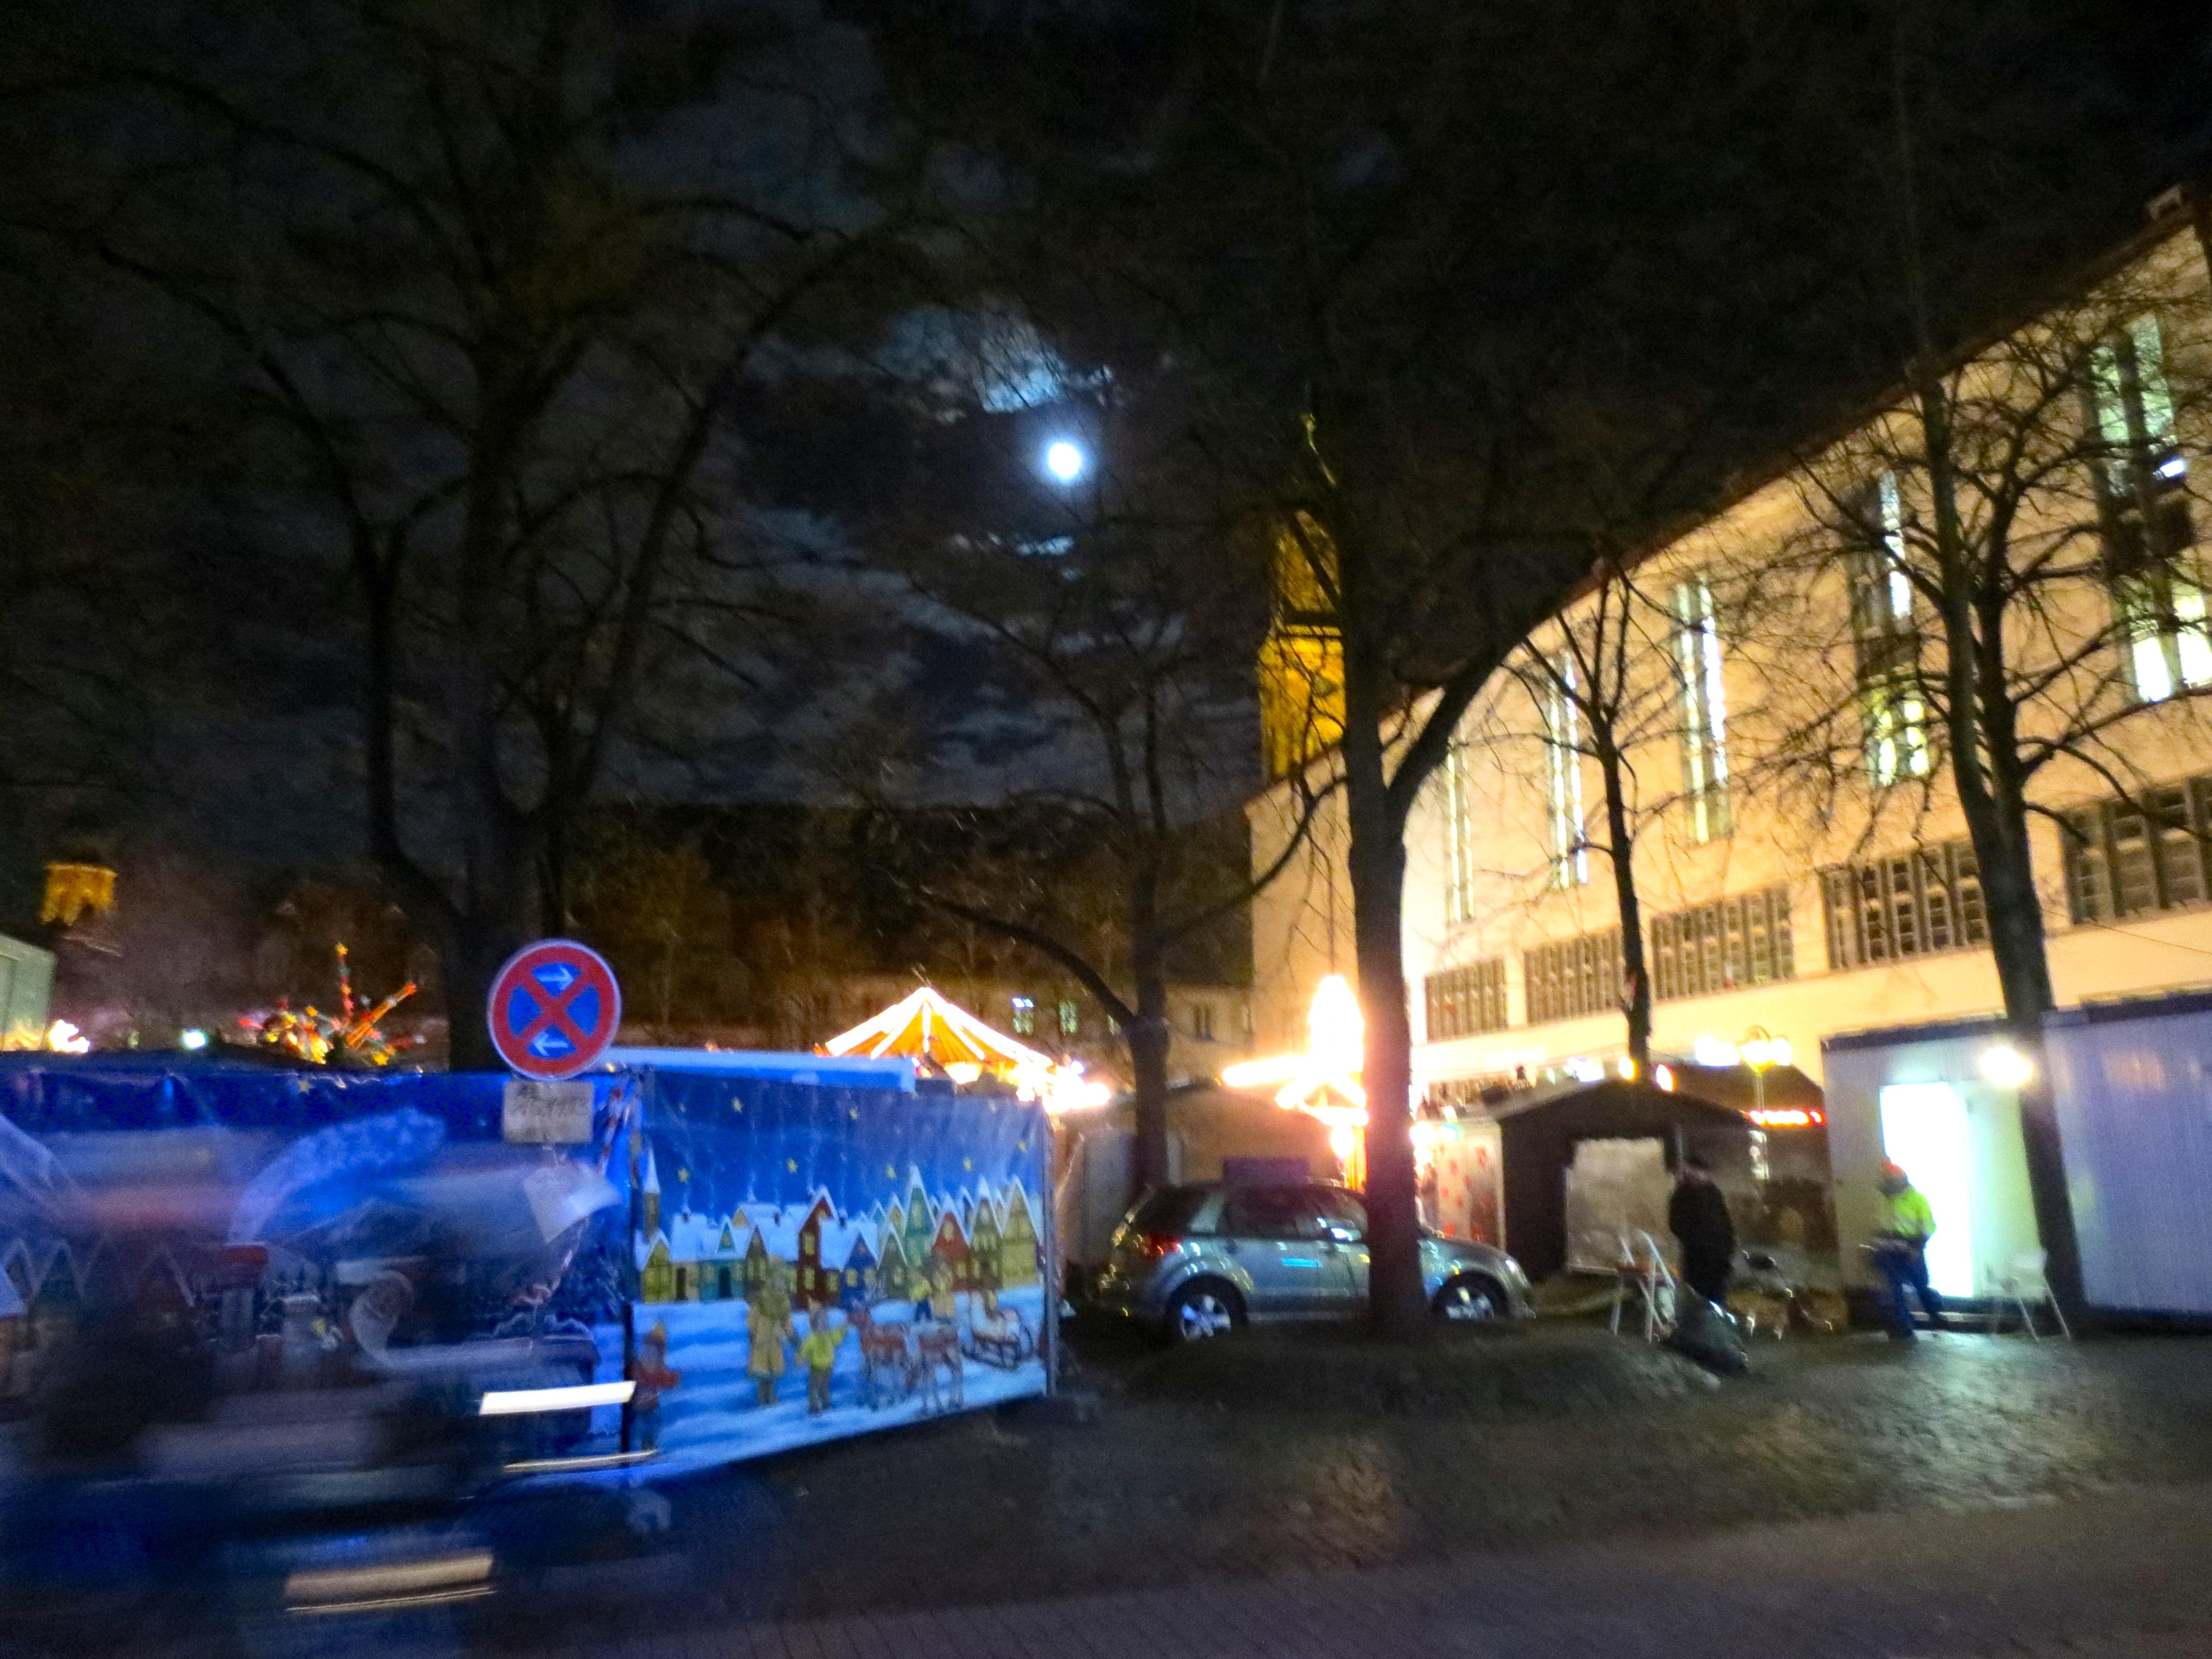 Heidelberg Weihnachtsmarkt.Datei Campus Altstadt Universitätsplatz Heidelberg Weihnachtsmarkt